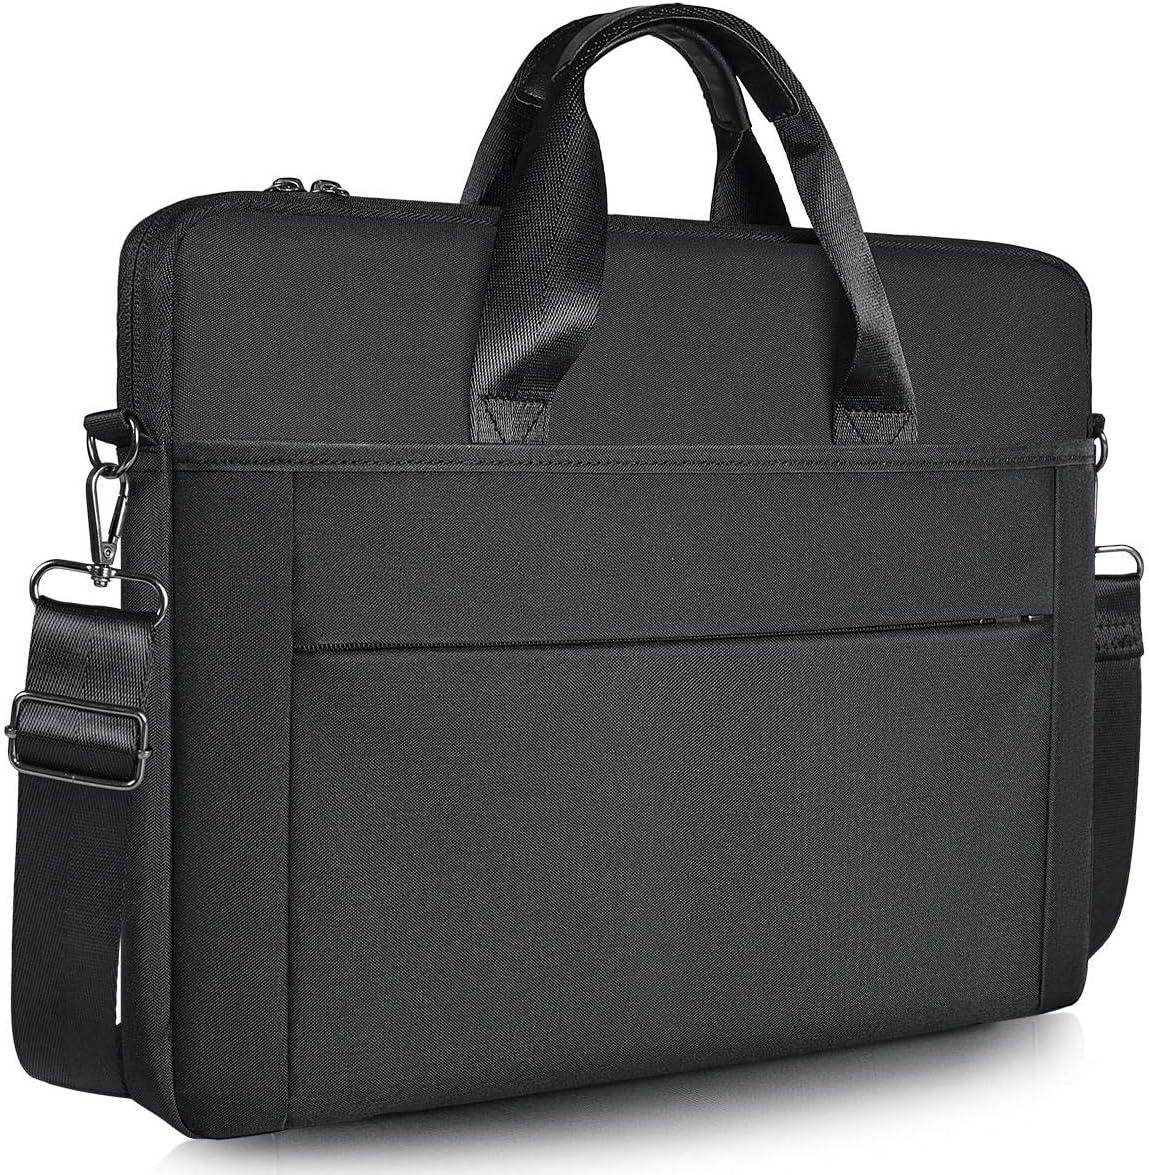 """15.6 inch Laptop Shoulder Bag, Slim Laptop Briefcase Bag with Strap for HP 15.6"""" Laptop/HP ENVY X360, Acer Aspire 5 Slim/Chromebook 15, ASUS VivoBook 15, Lenovo, DELL, 15.6 inch Laptop Carry Bag,Black"""